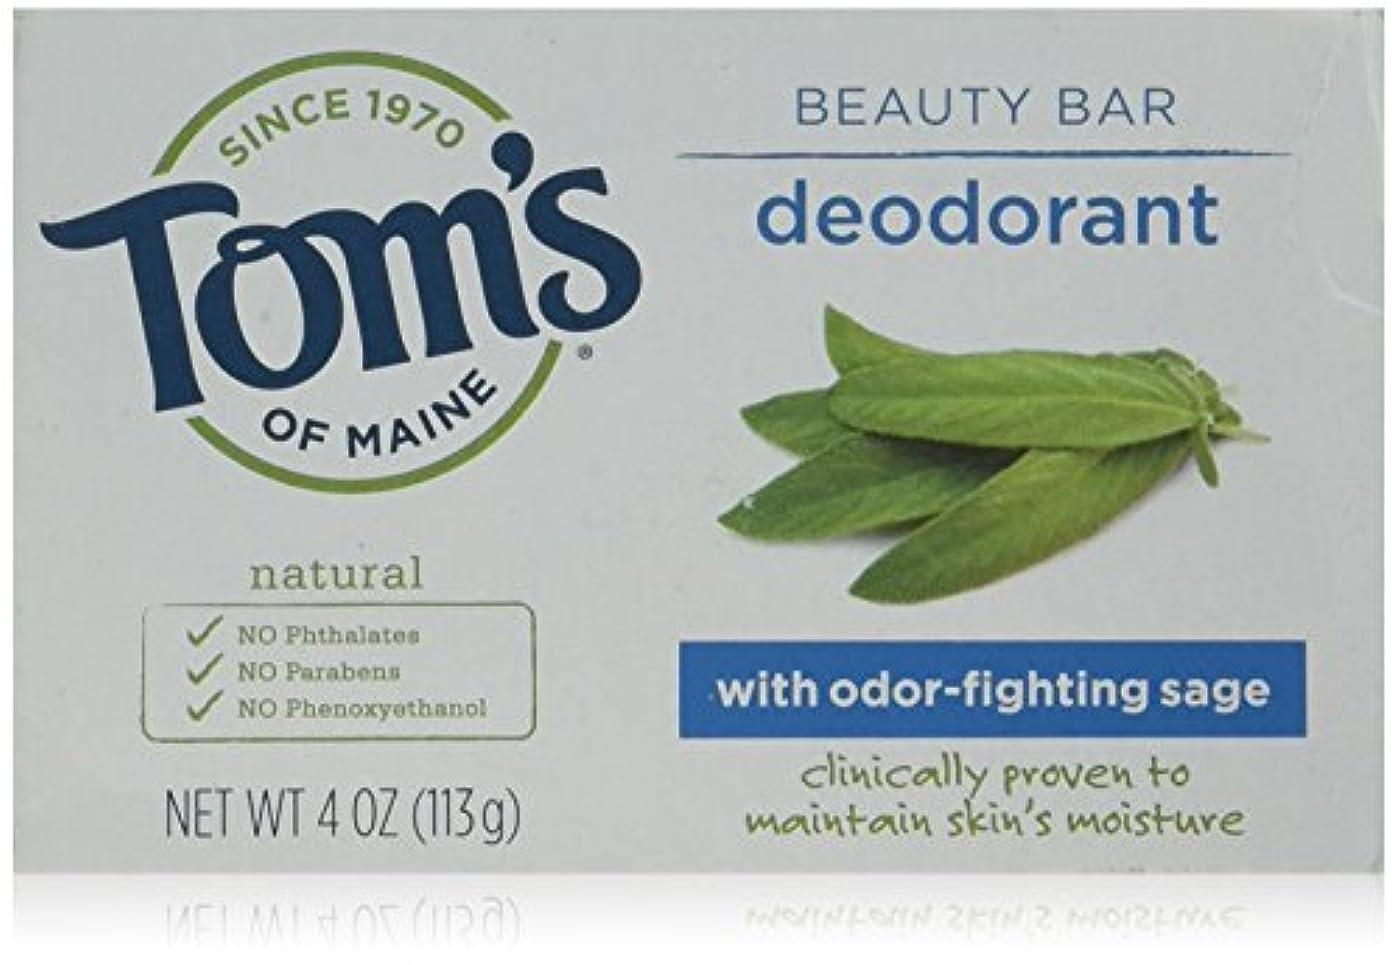 に沿って区別する苦しめるTom's of Maine Natural Beauty Bar Deodorant Soap ナチュラル ビューティー バー デオドラント ソープ [4oz (113g)] [並行輸入品]